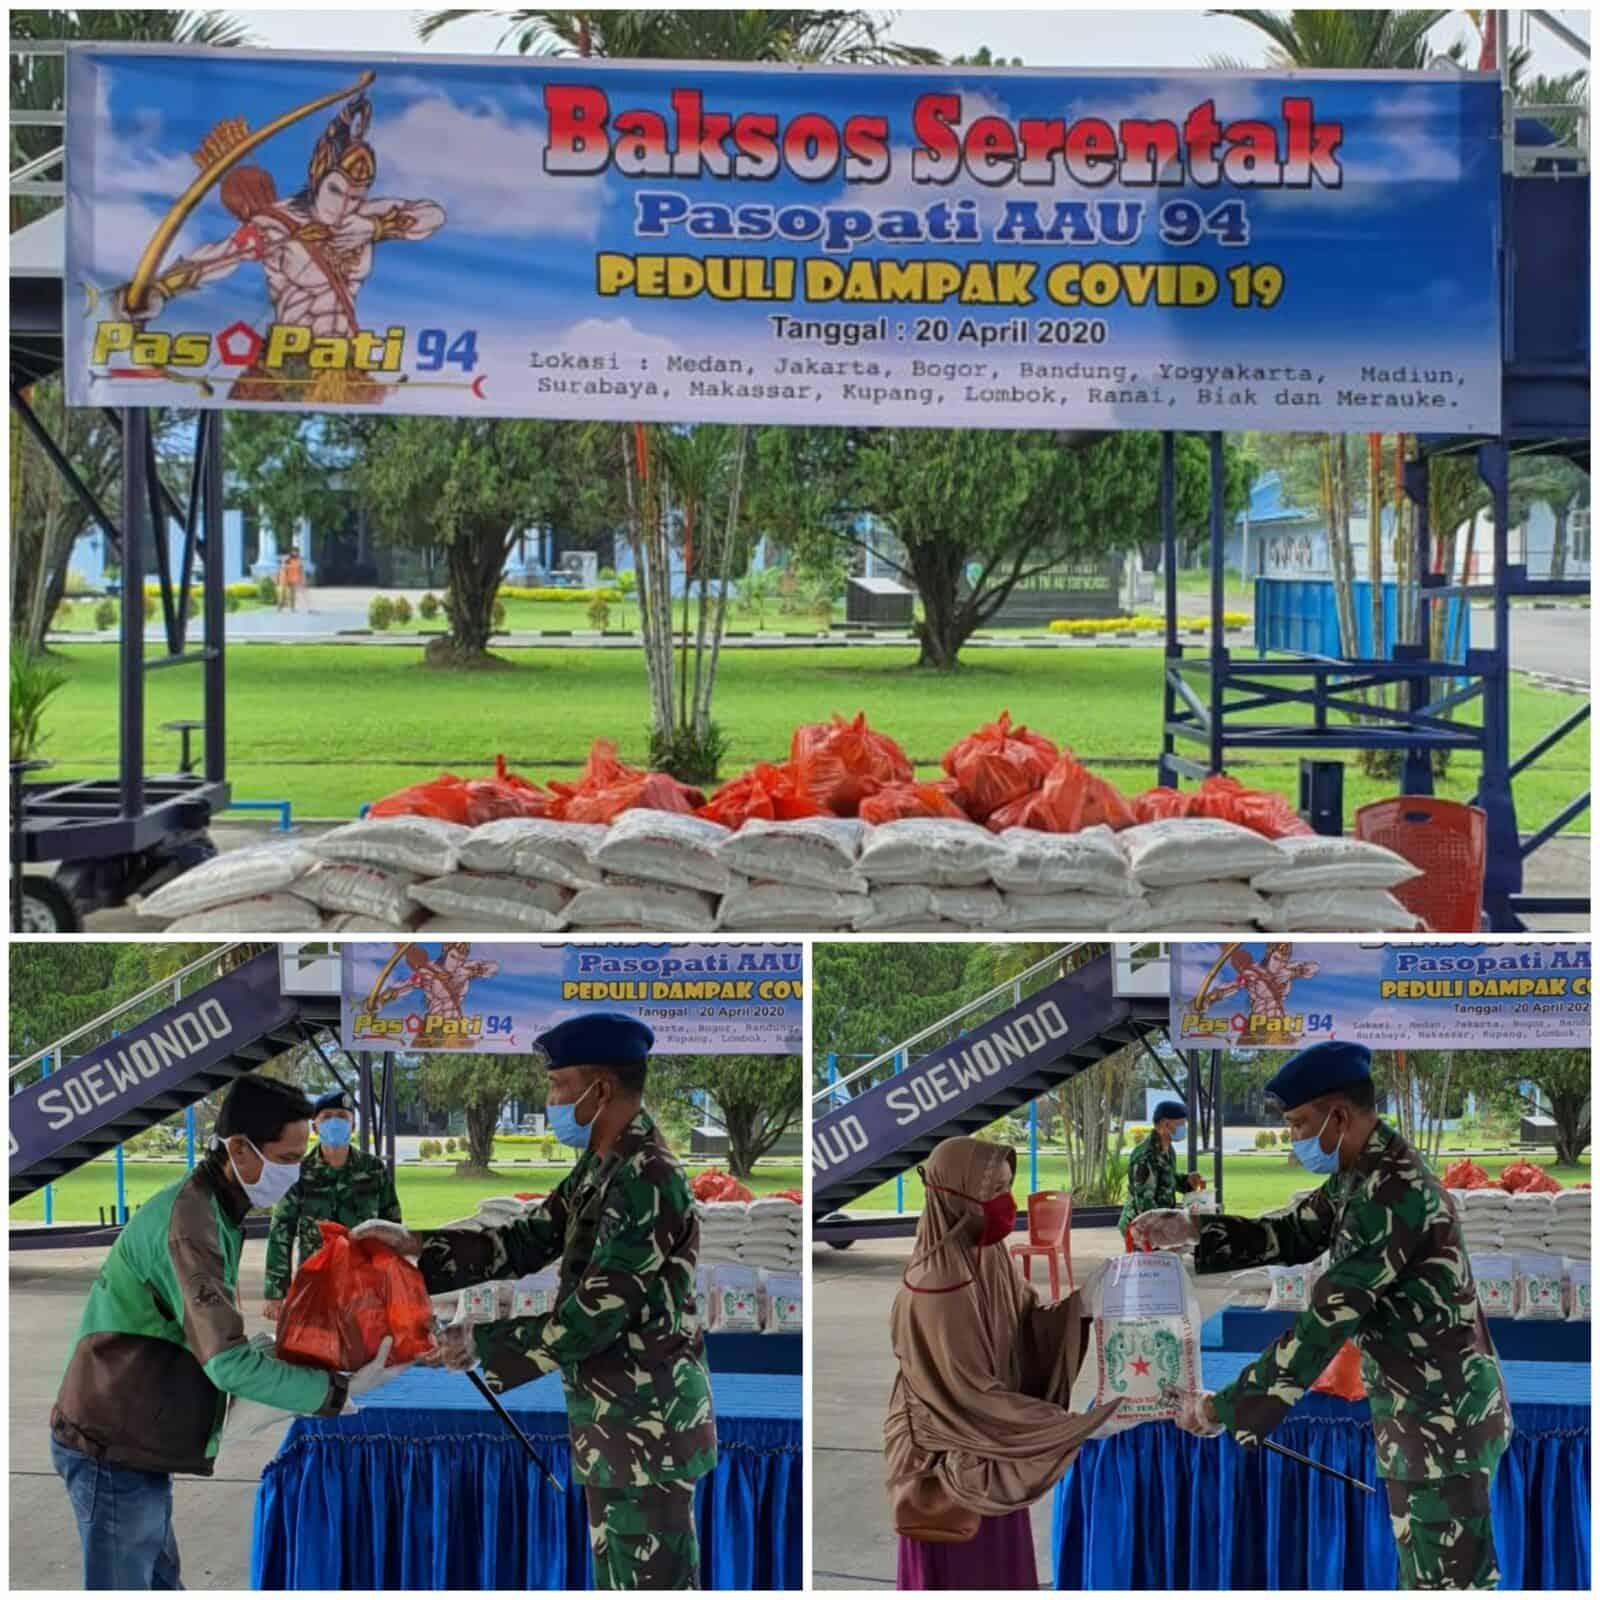 Alumni Pasopati AAU 94 Baksos Serentak Bagikan Sembako Peduli Dampak Covid-19